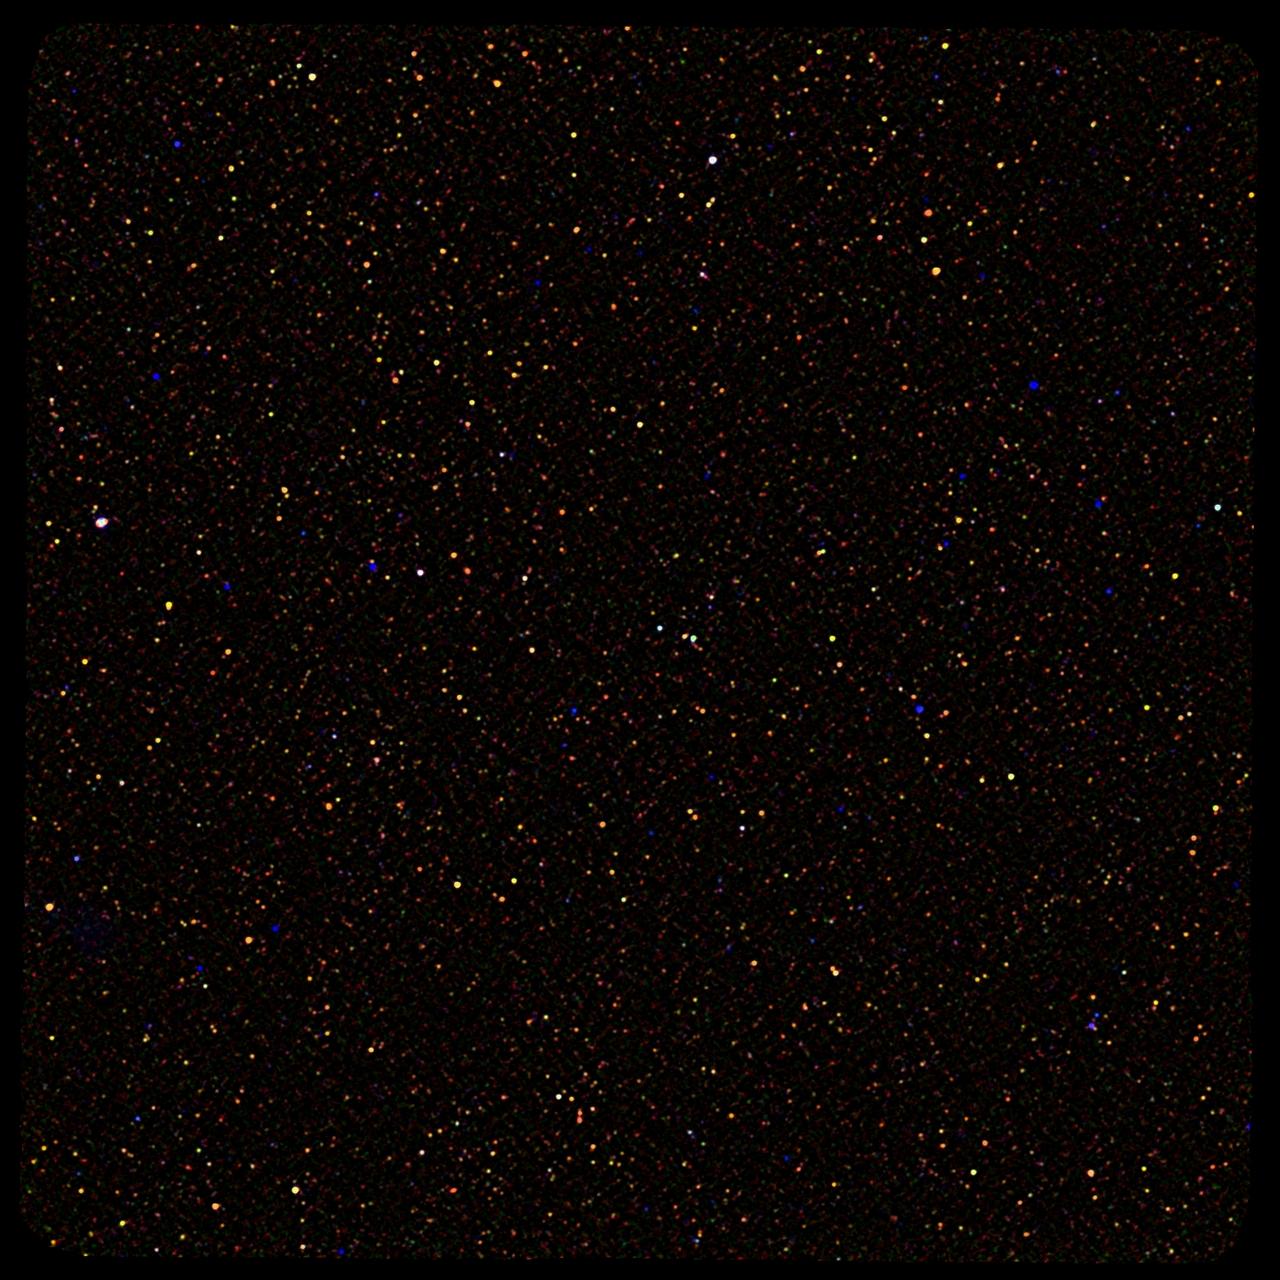 1567216843246-Herschel_COSMOS_1280.jpg